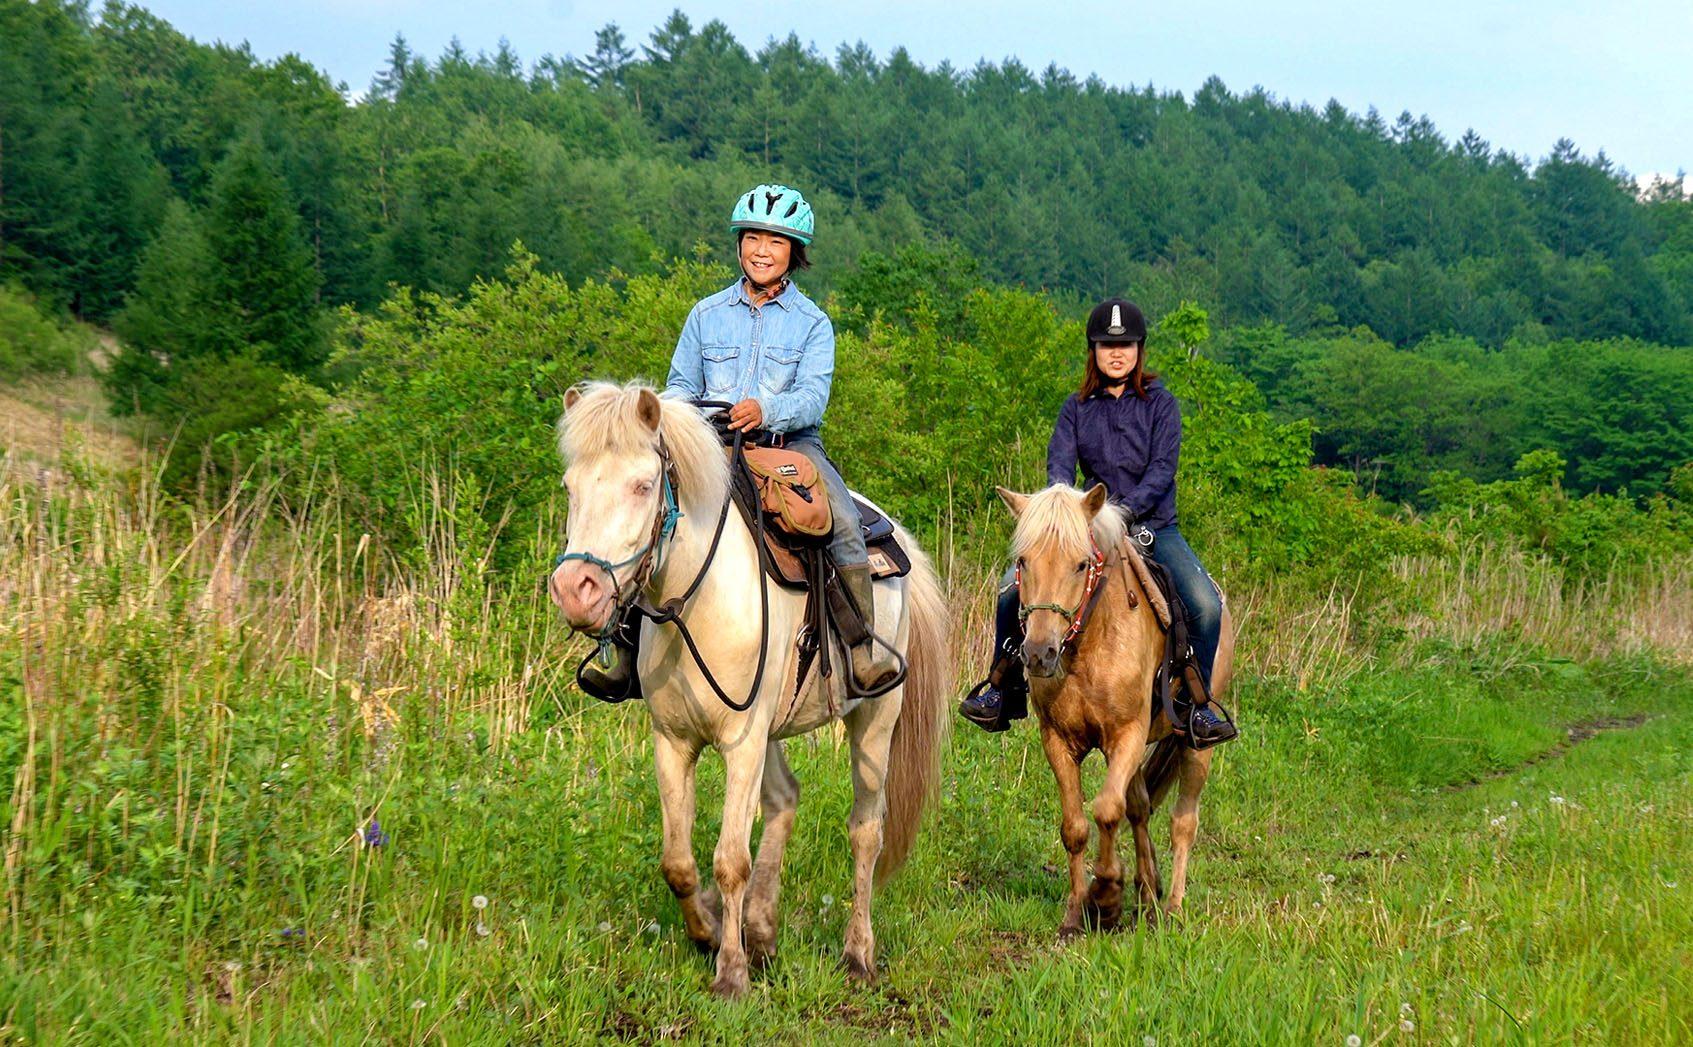 人懐っこいどさんこに魅了される!「D-base」で乗馬体験